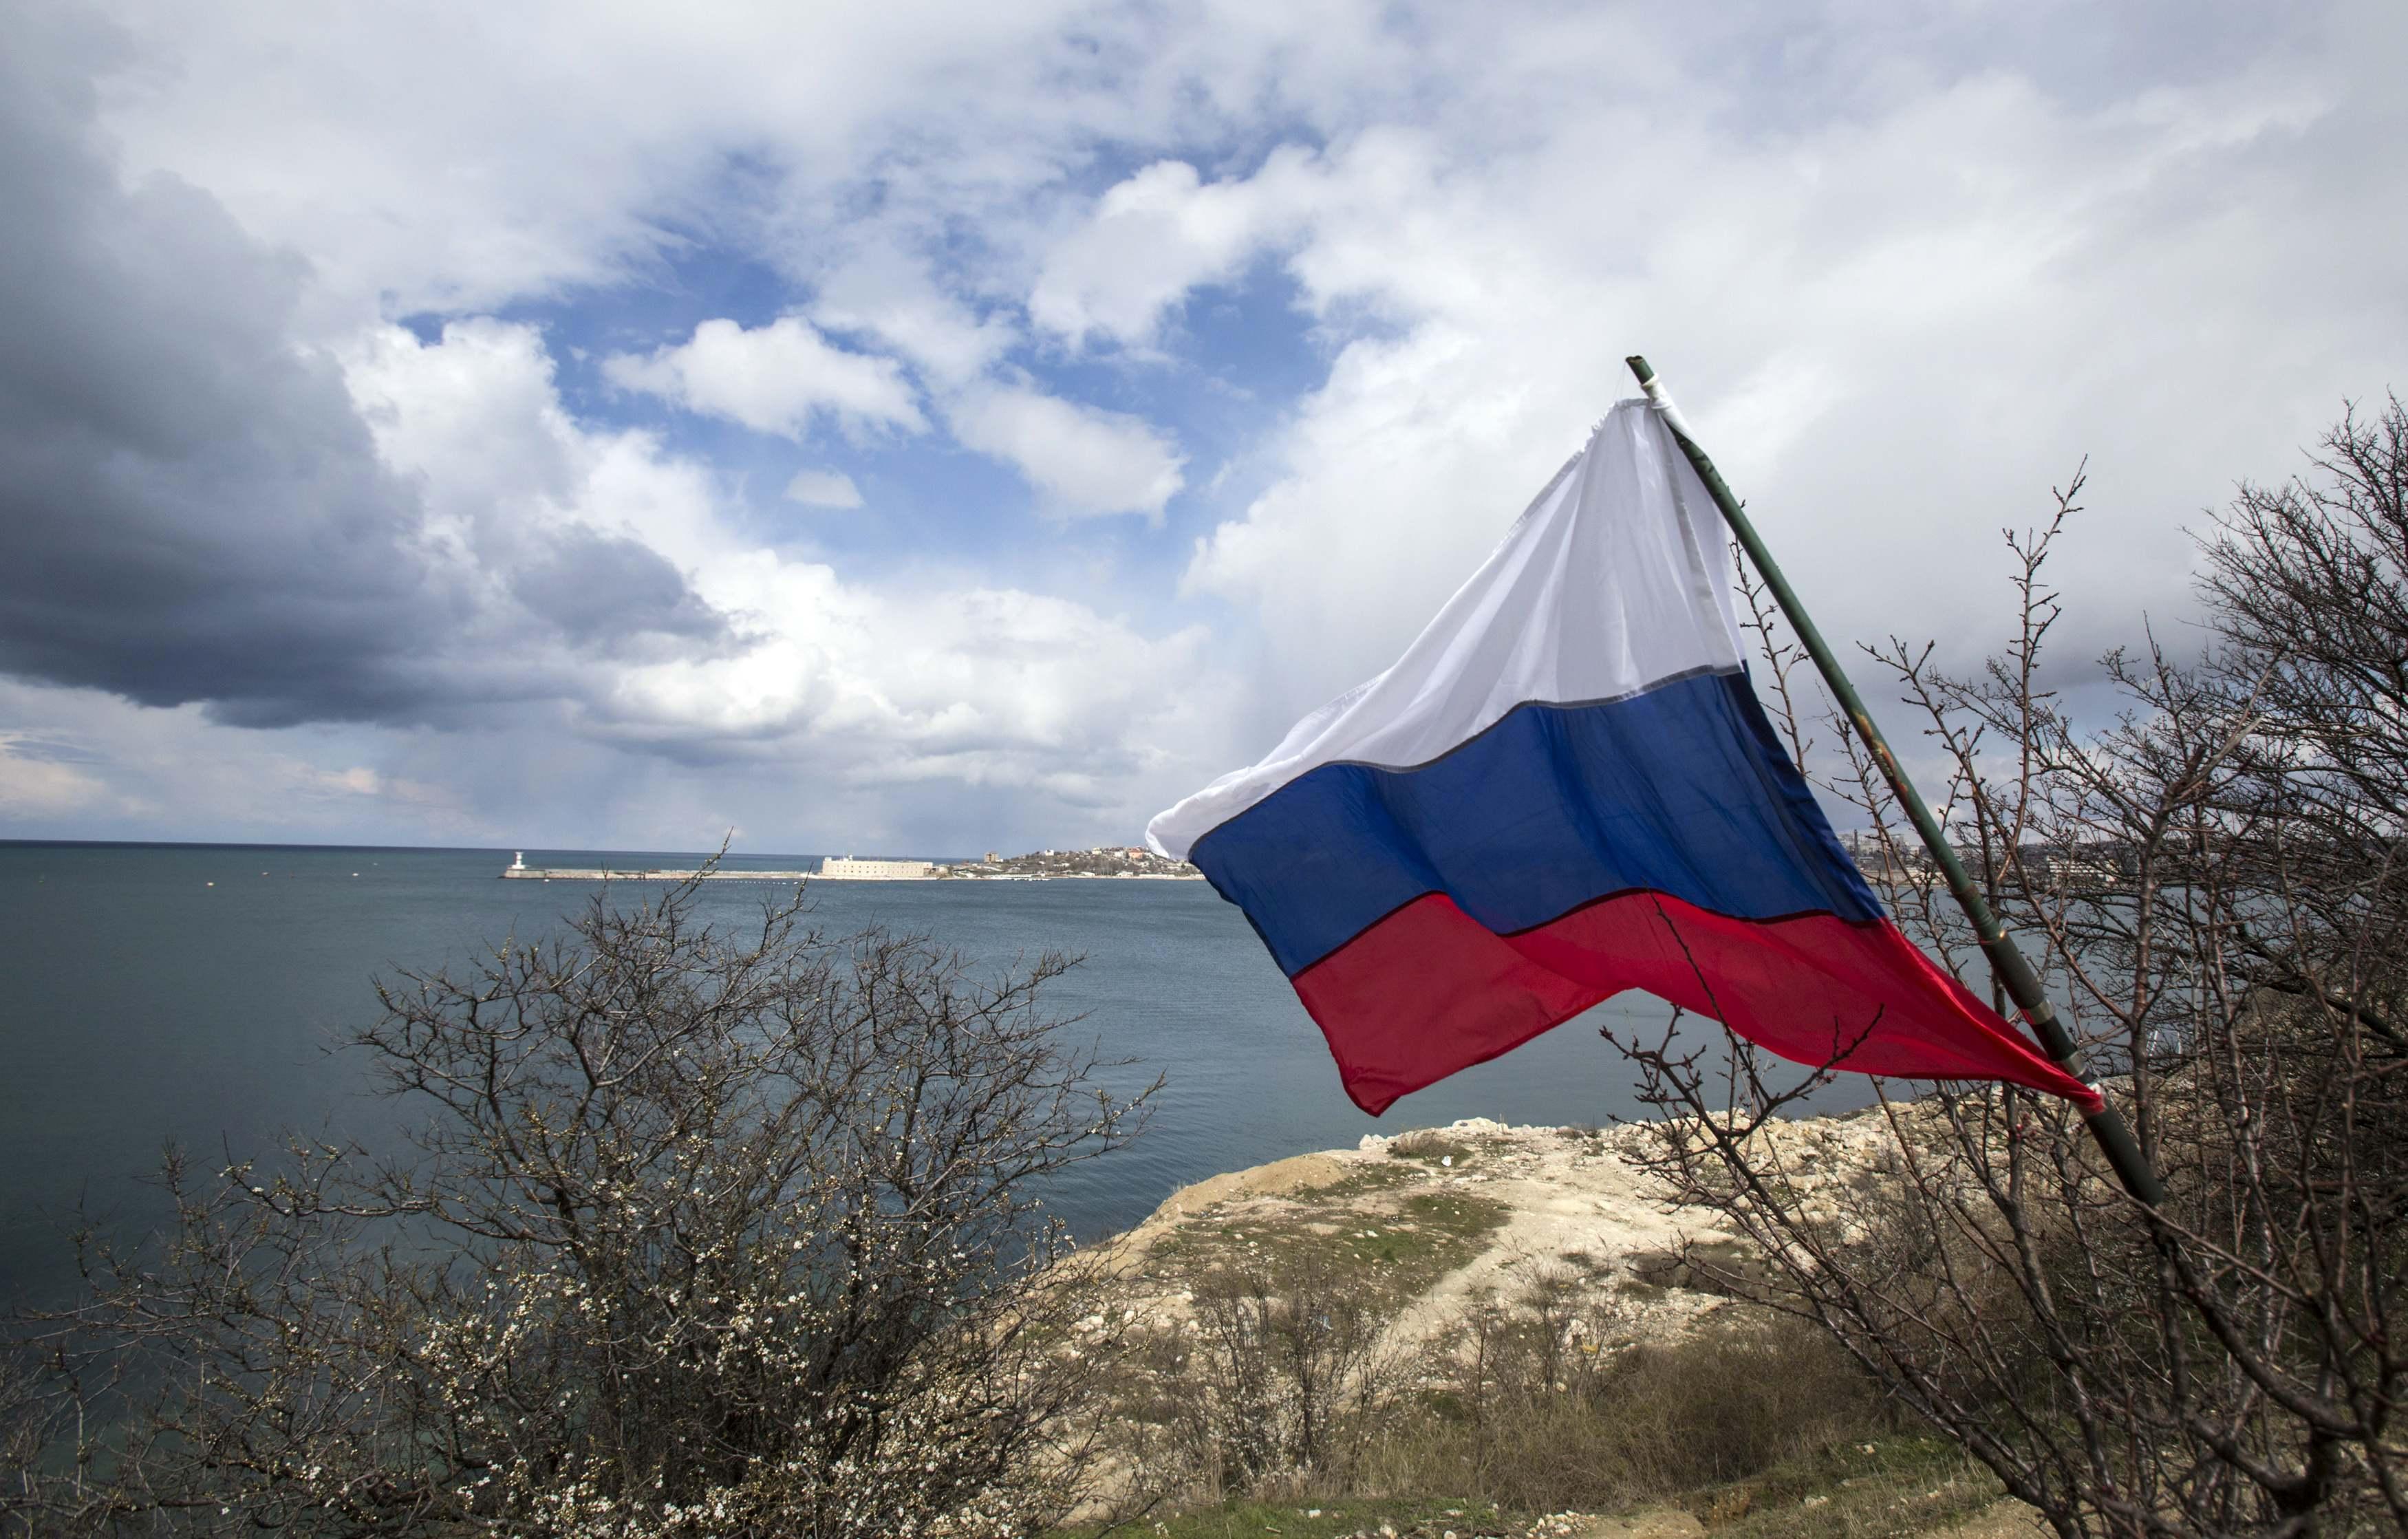 Историк полагает, что РФ раскачивает в Украине религиозную войну